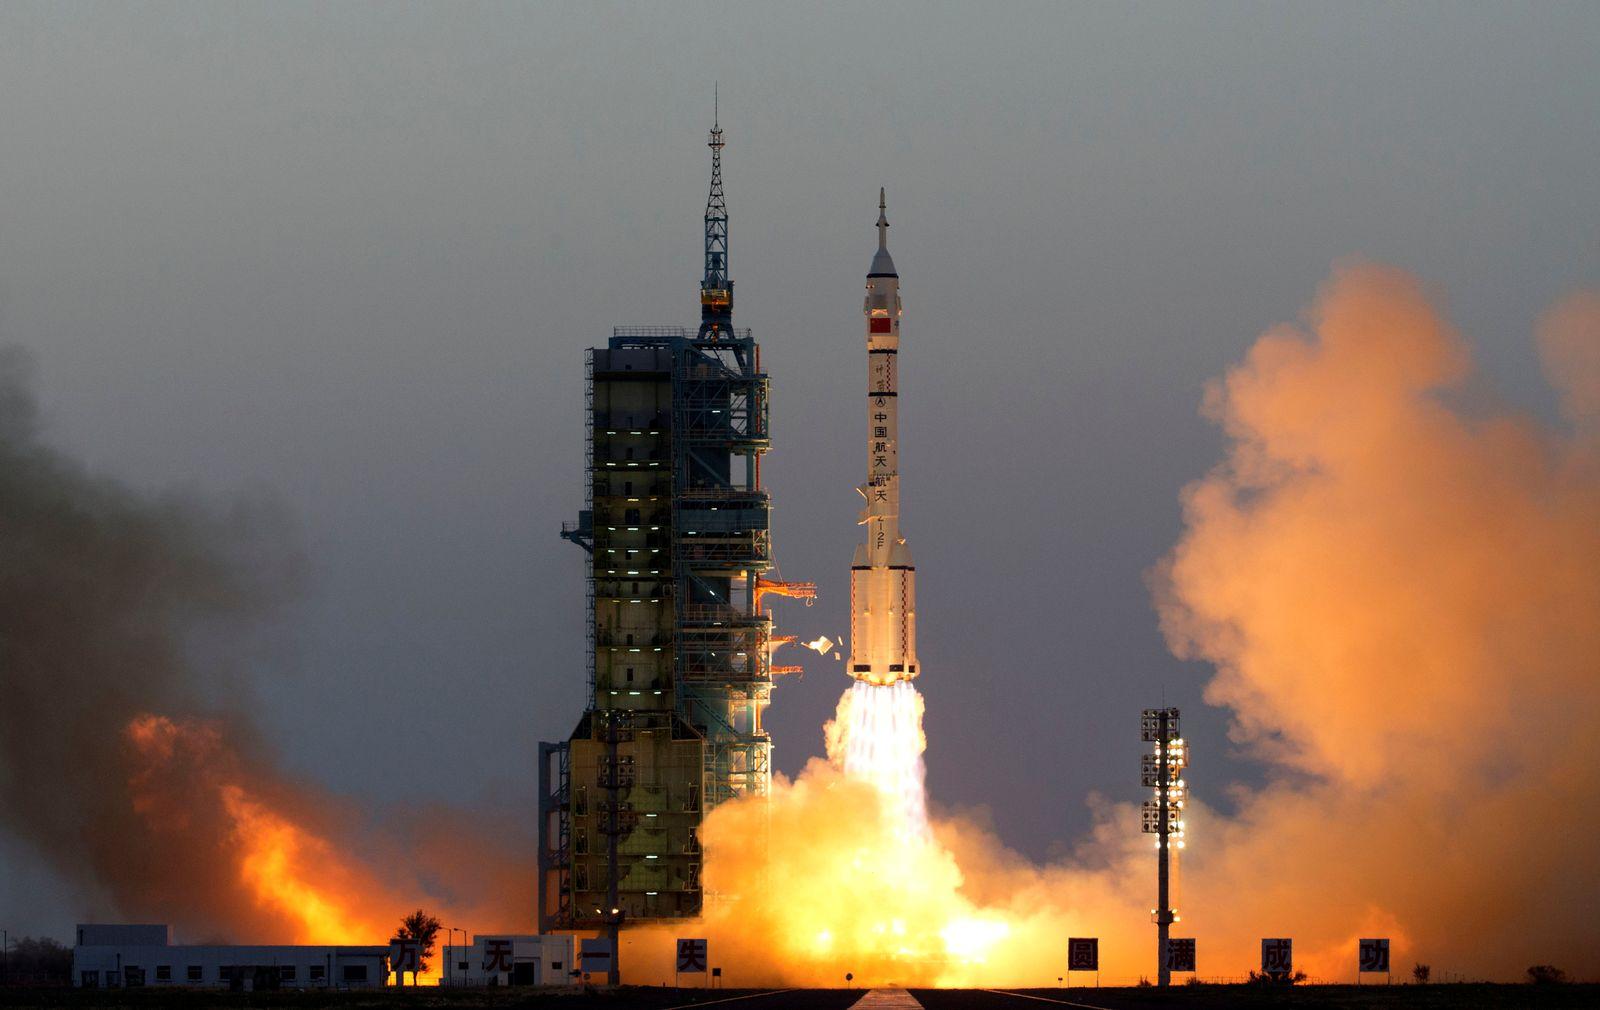 China Shenzhou 11